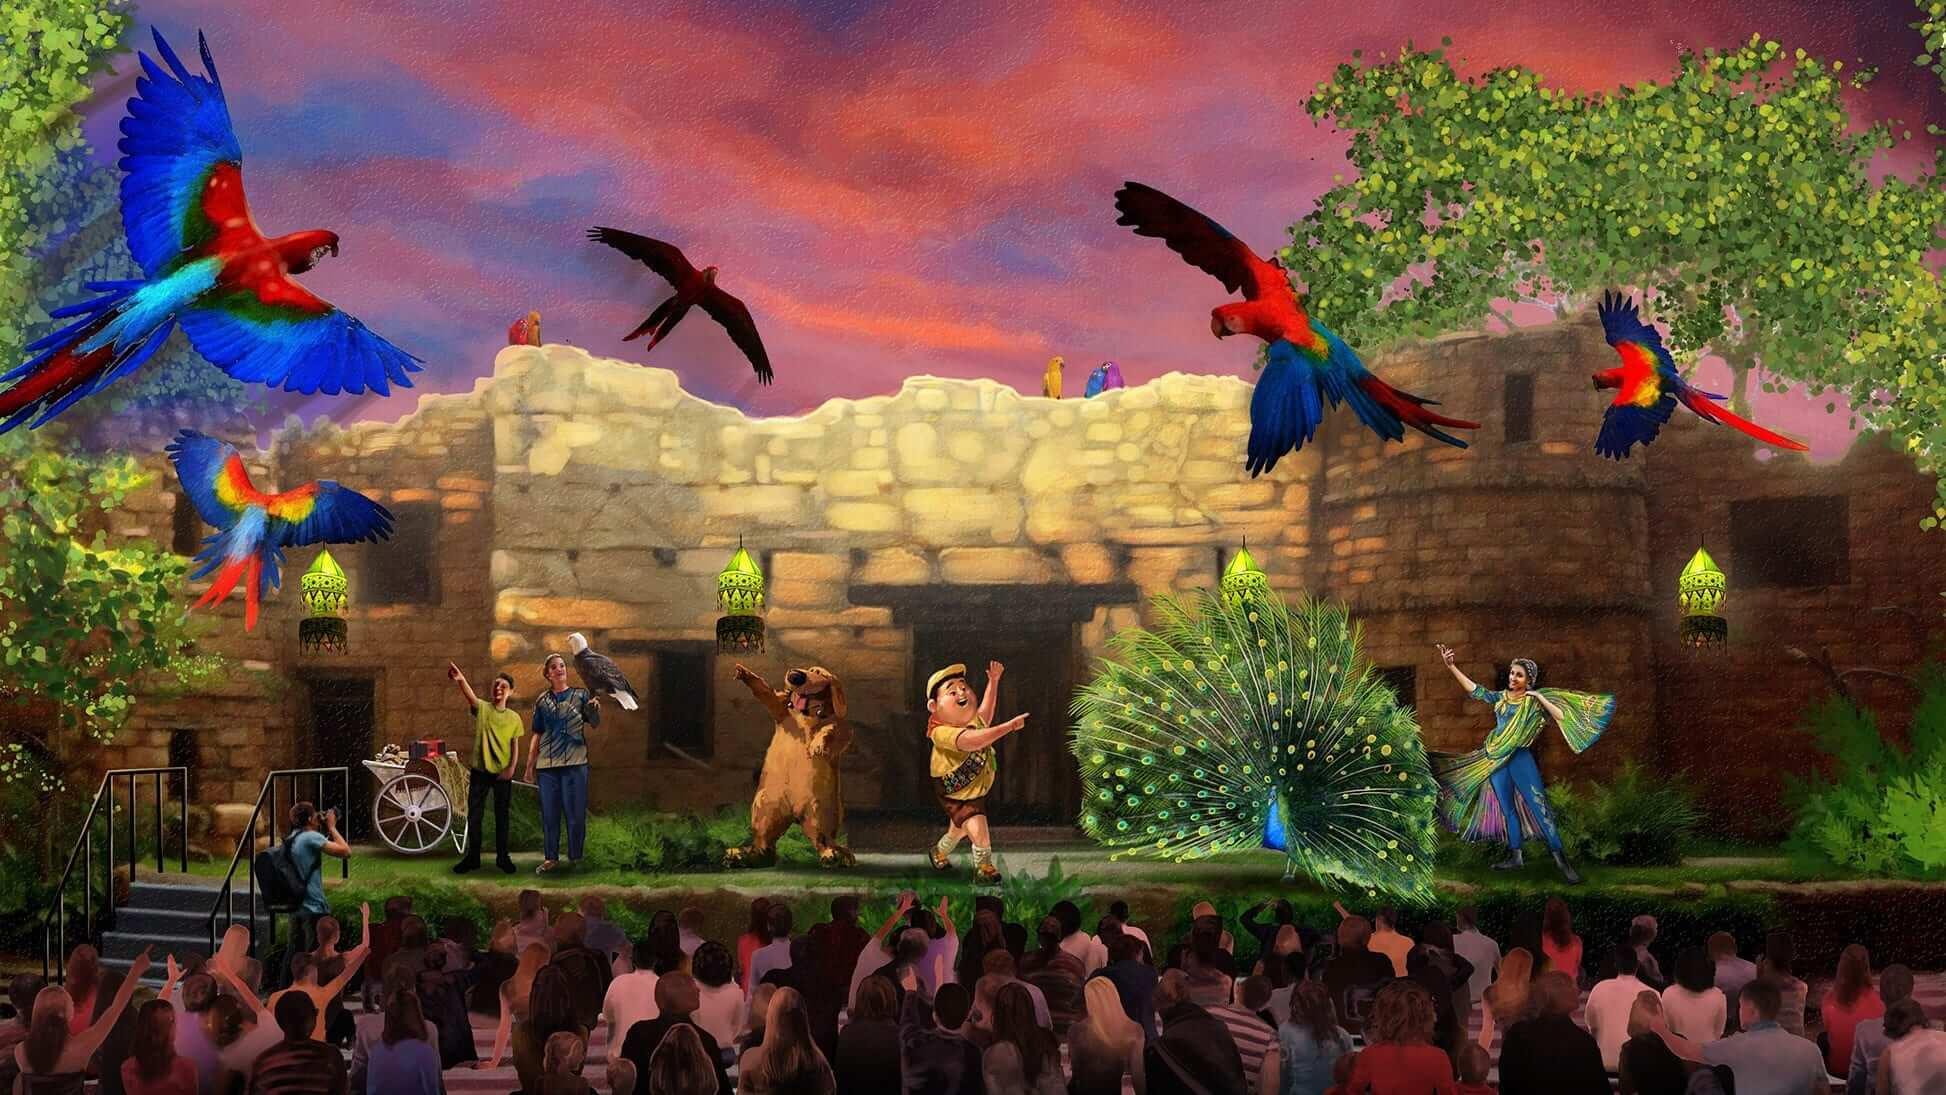 Novidades na Disney e Orlando em 2018: UP! A Great Bird Adventure no Disney Animal Kingdom